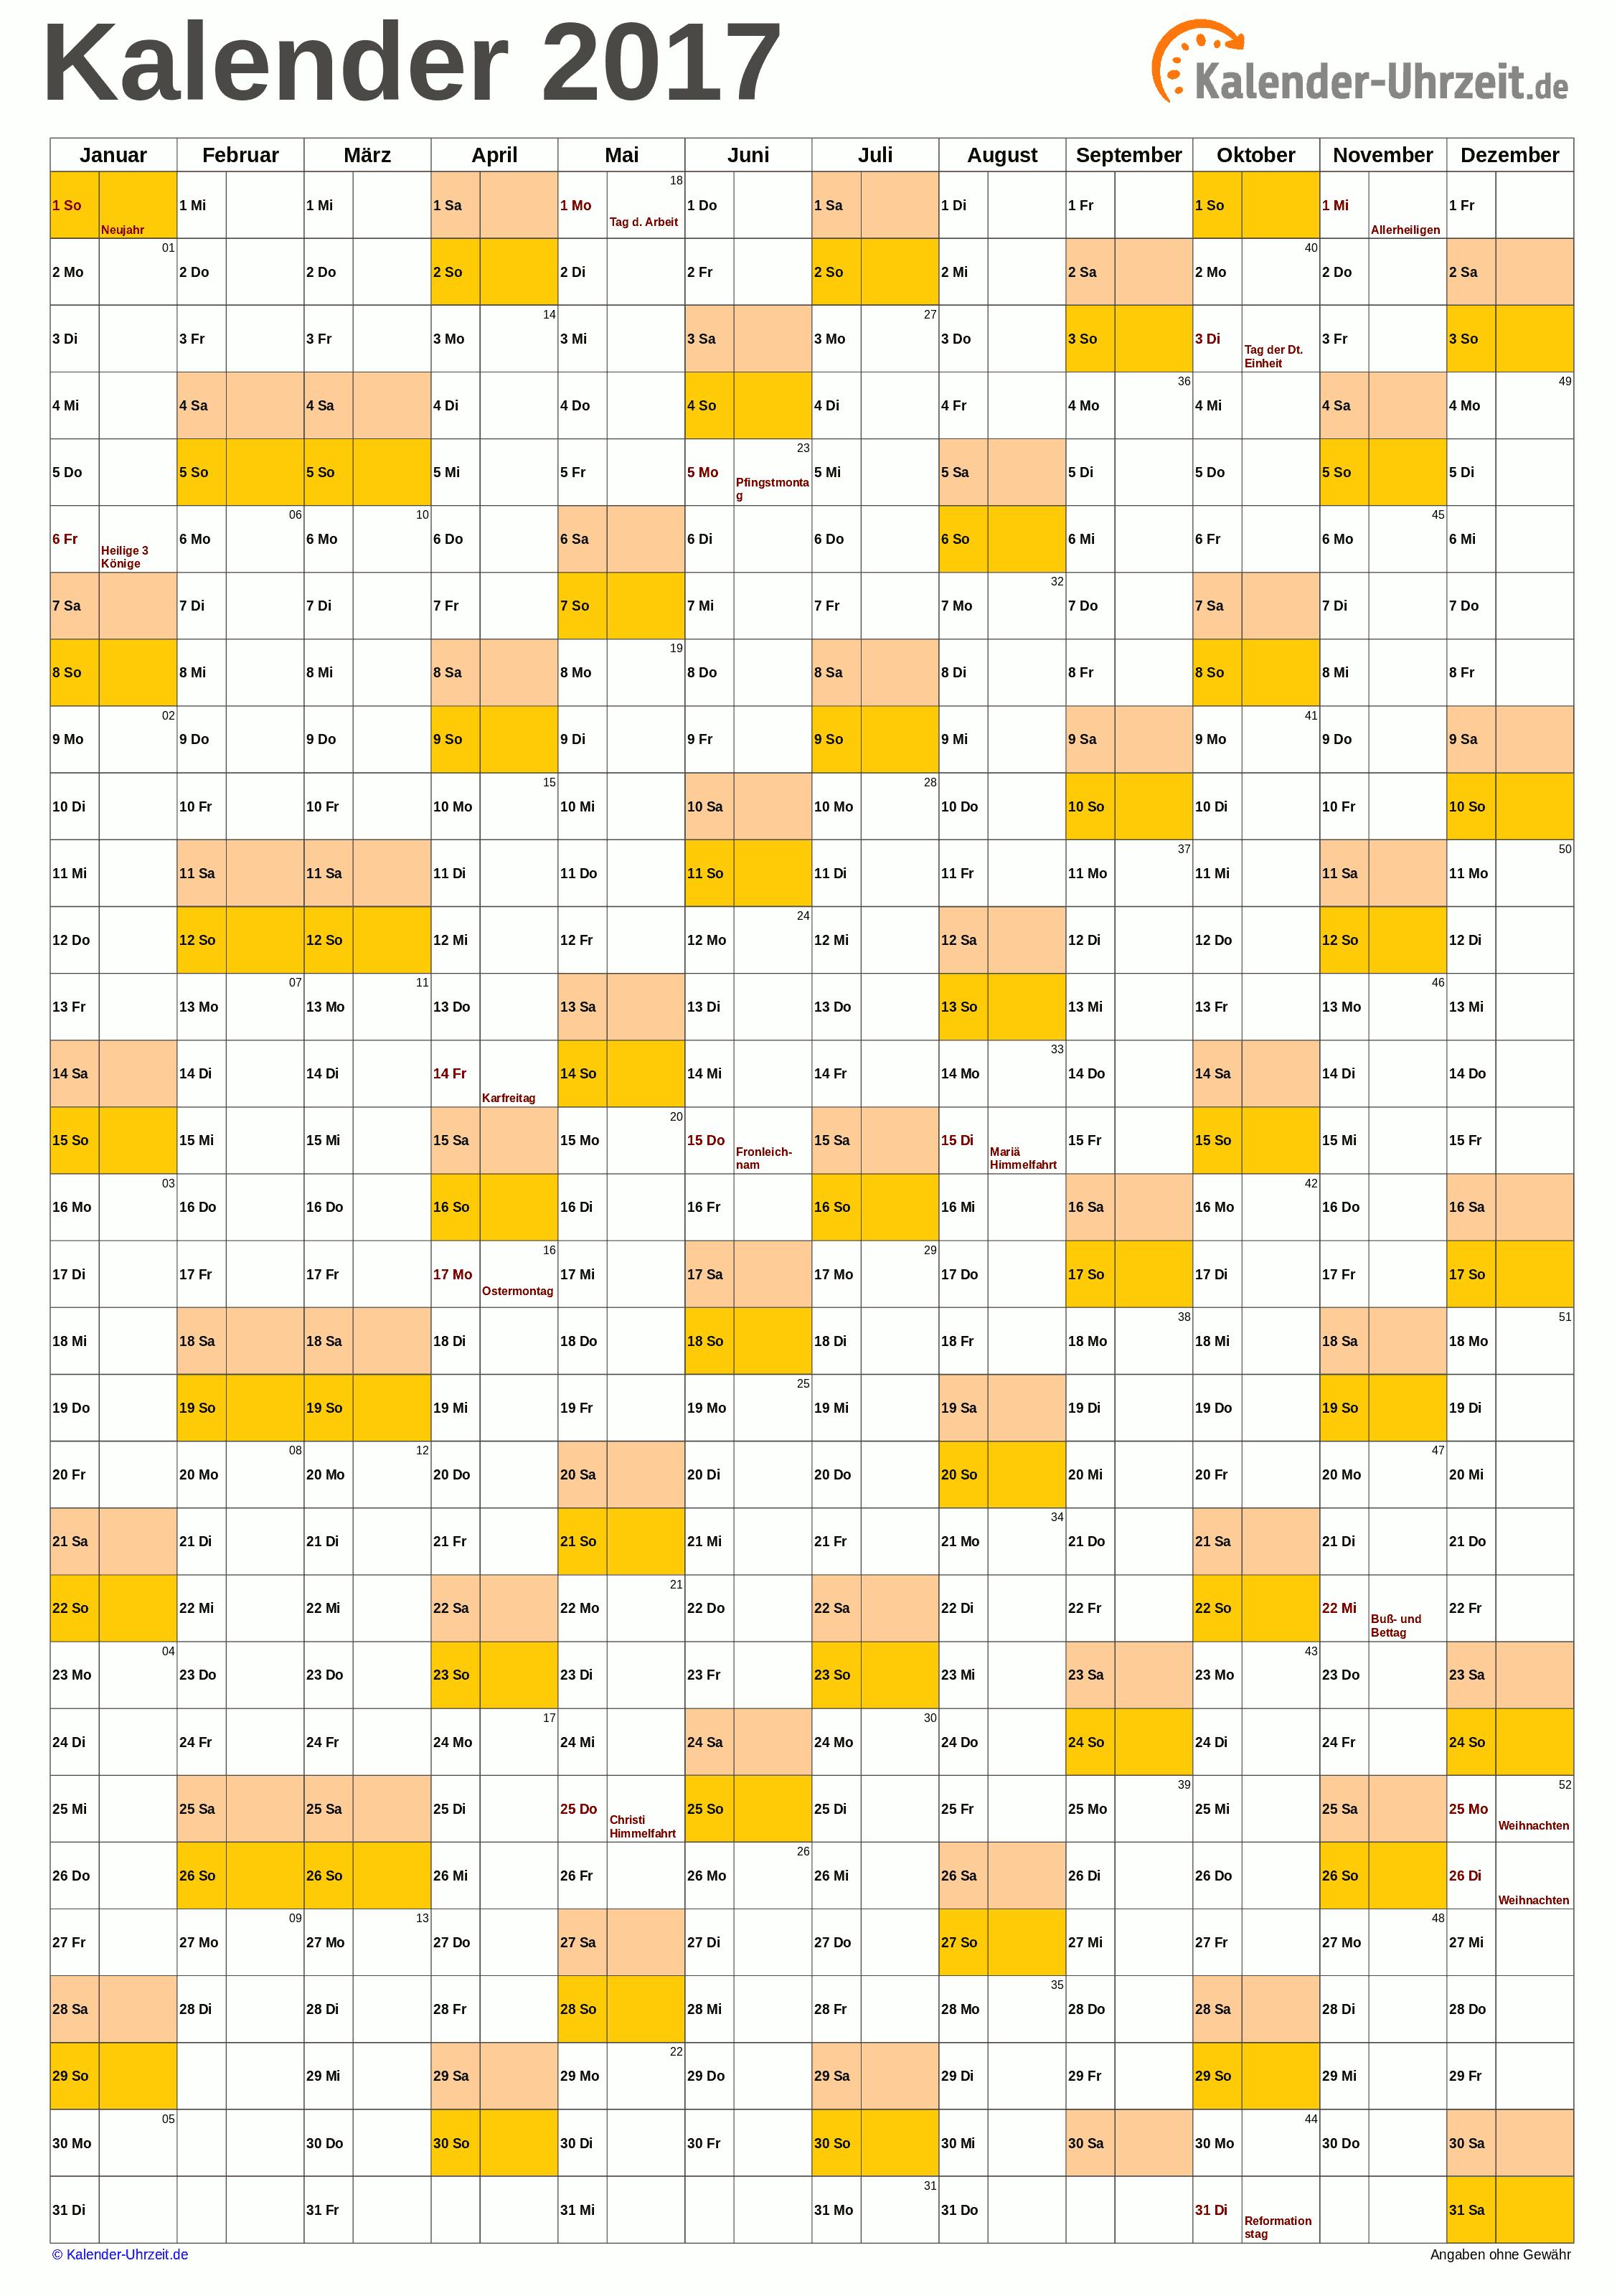 Kalender 2017 A4 Hochformat Vorlage 1 Kaluhr Weitere Kalender Vorlagen 2017 Http Www Kalender Uhrzeit De Kalend Kalender 2017 Kalender Vorlagen Kalender